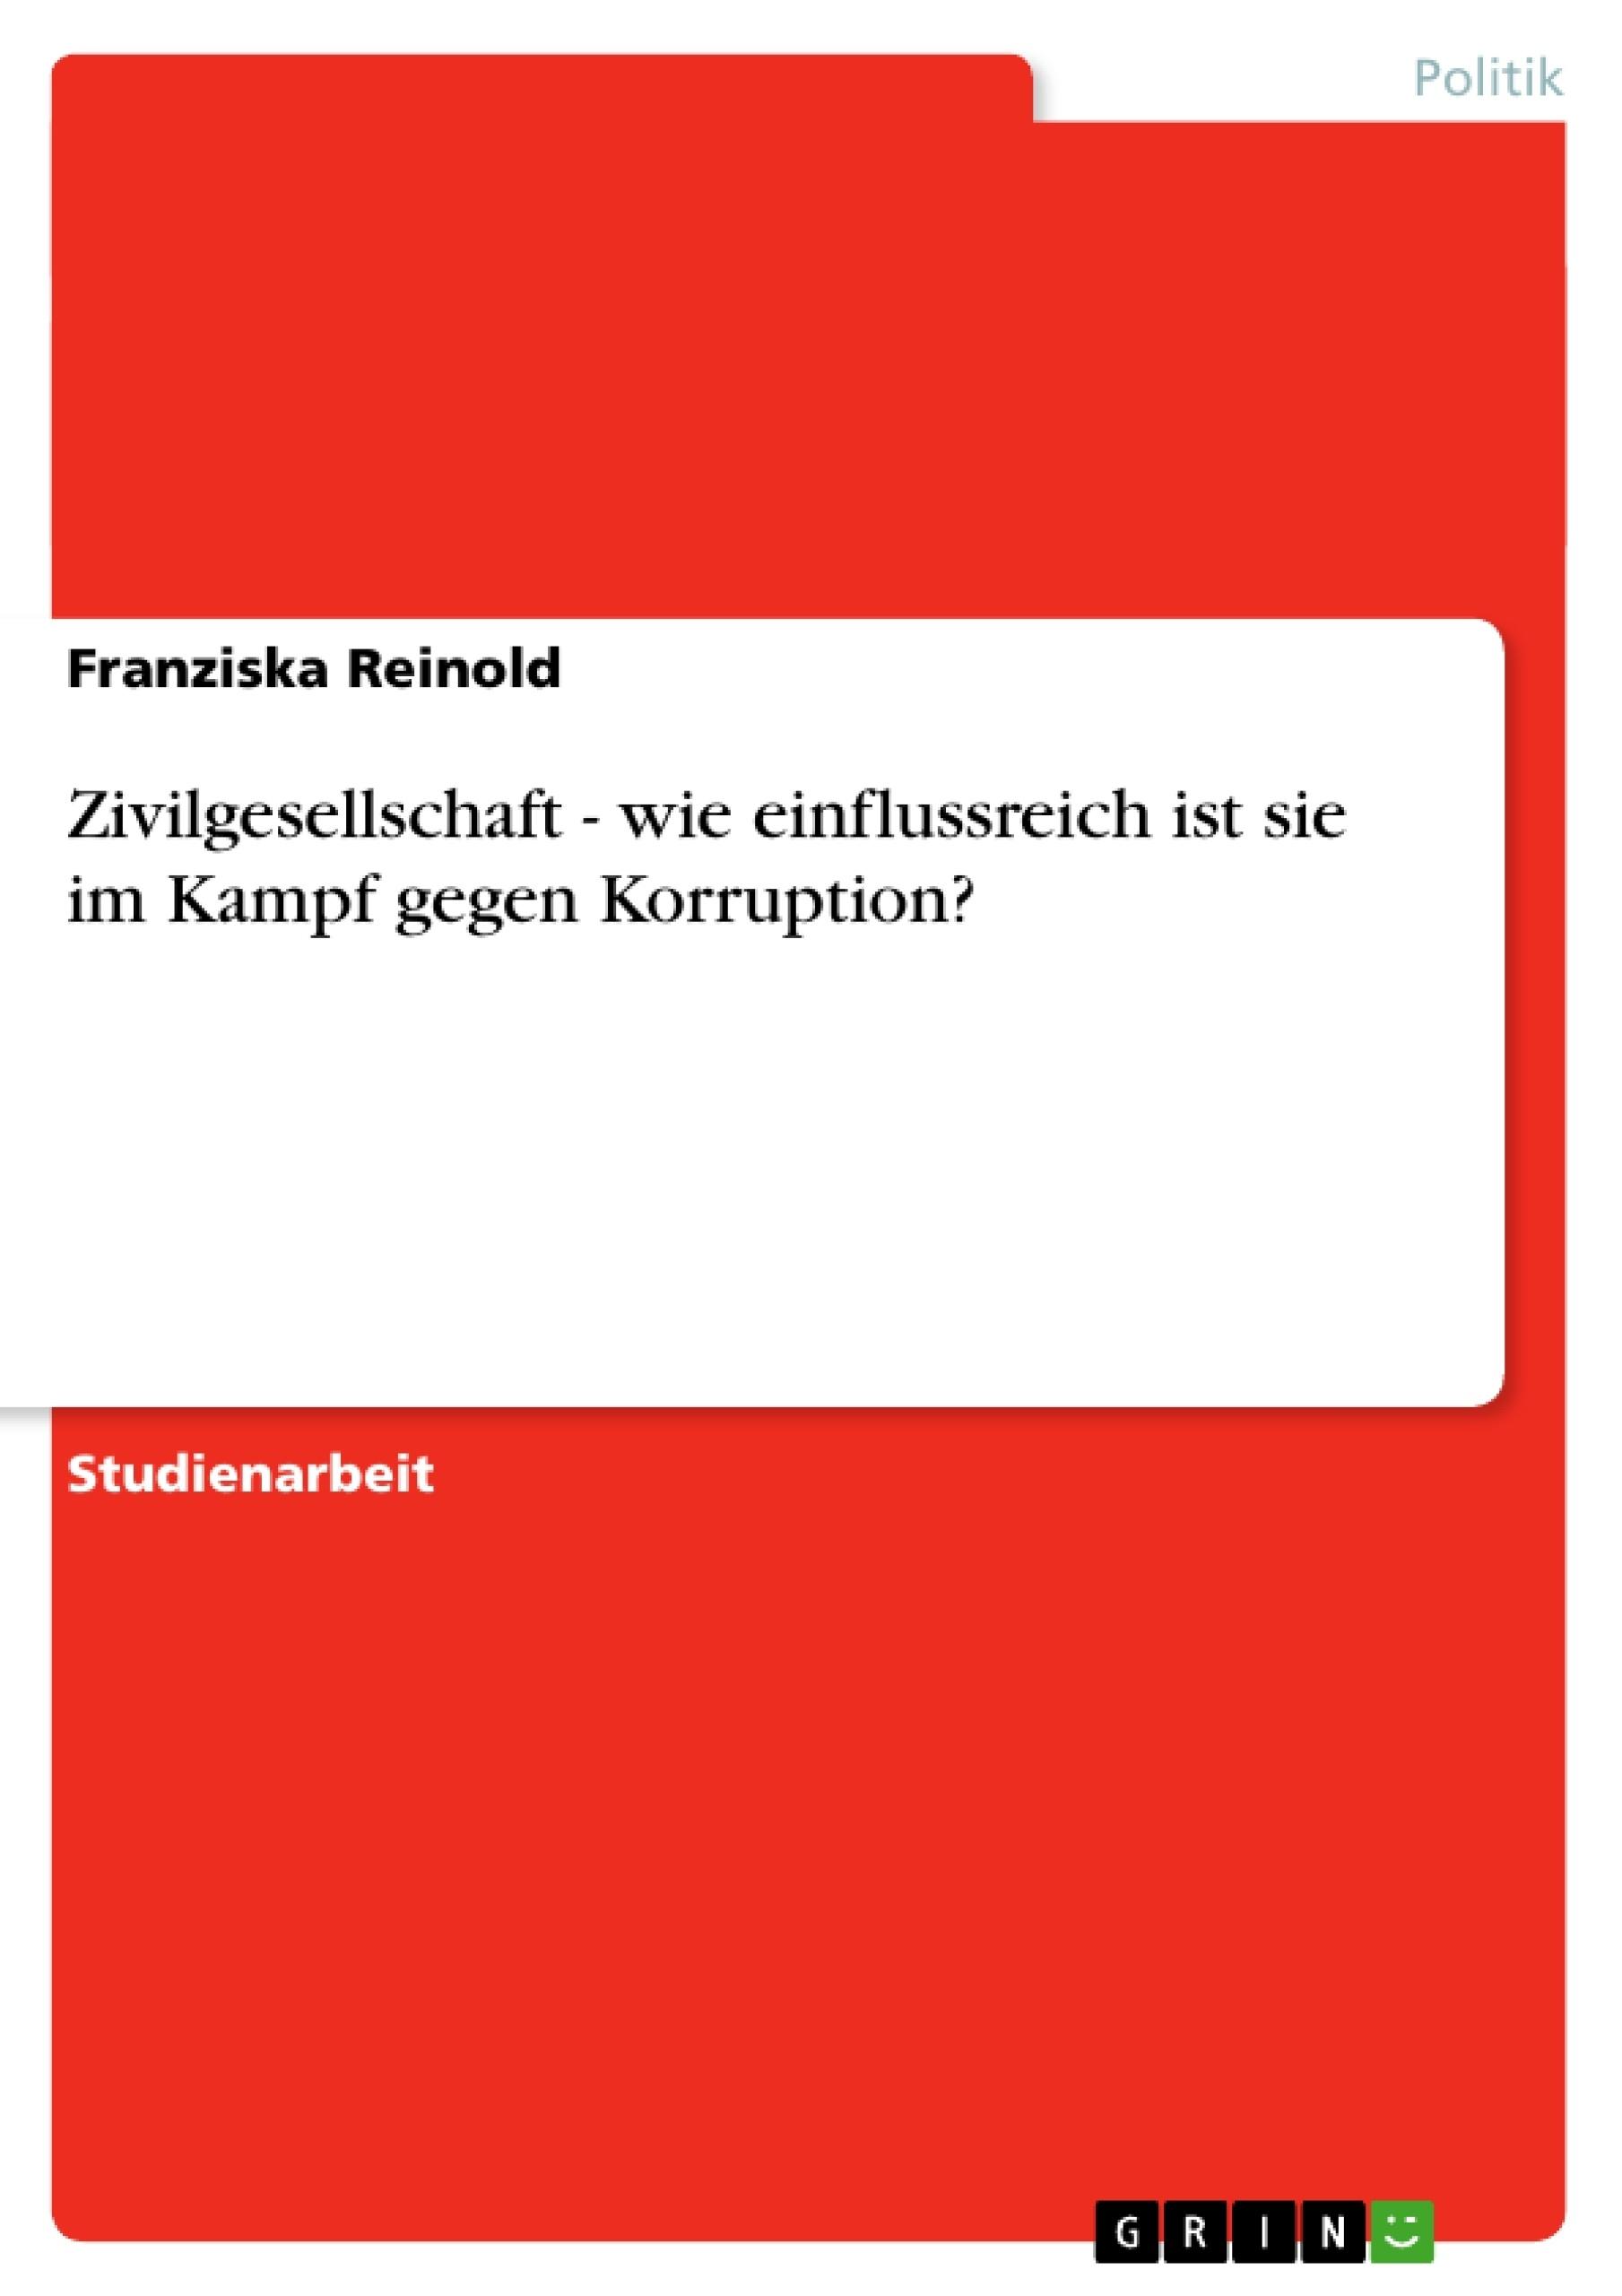 Titel: Zivilgesellschaft - wie einflussreich ist sie im Kampf gegen Korruption?